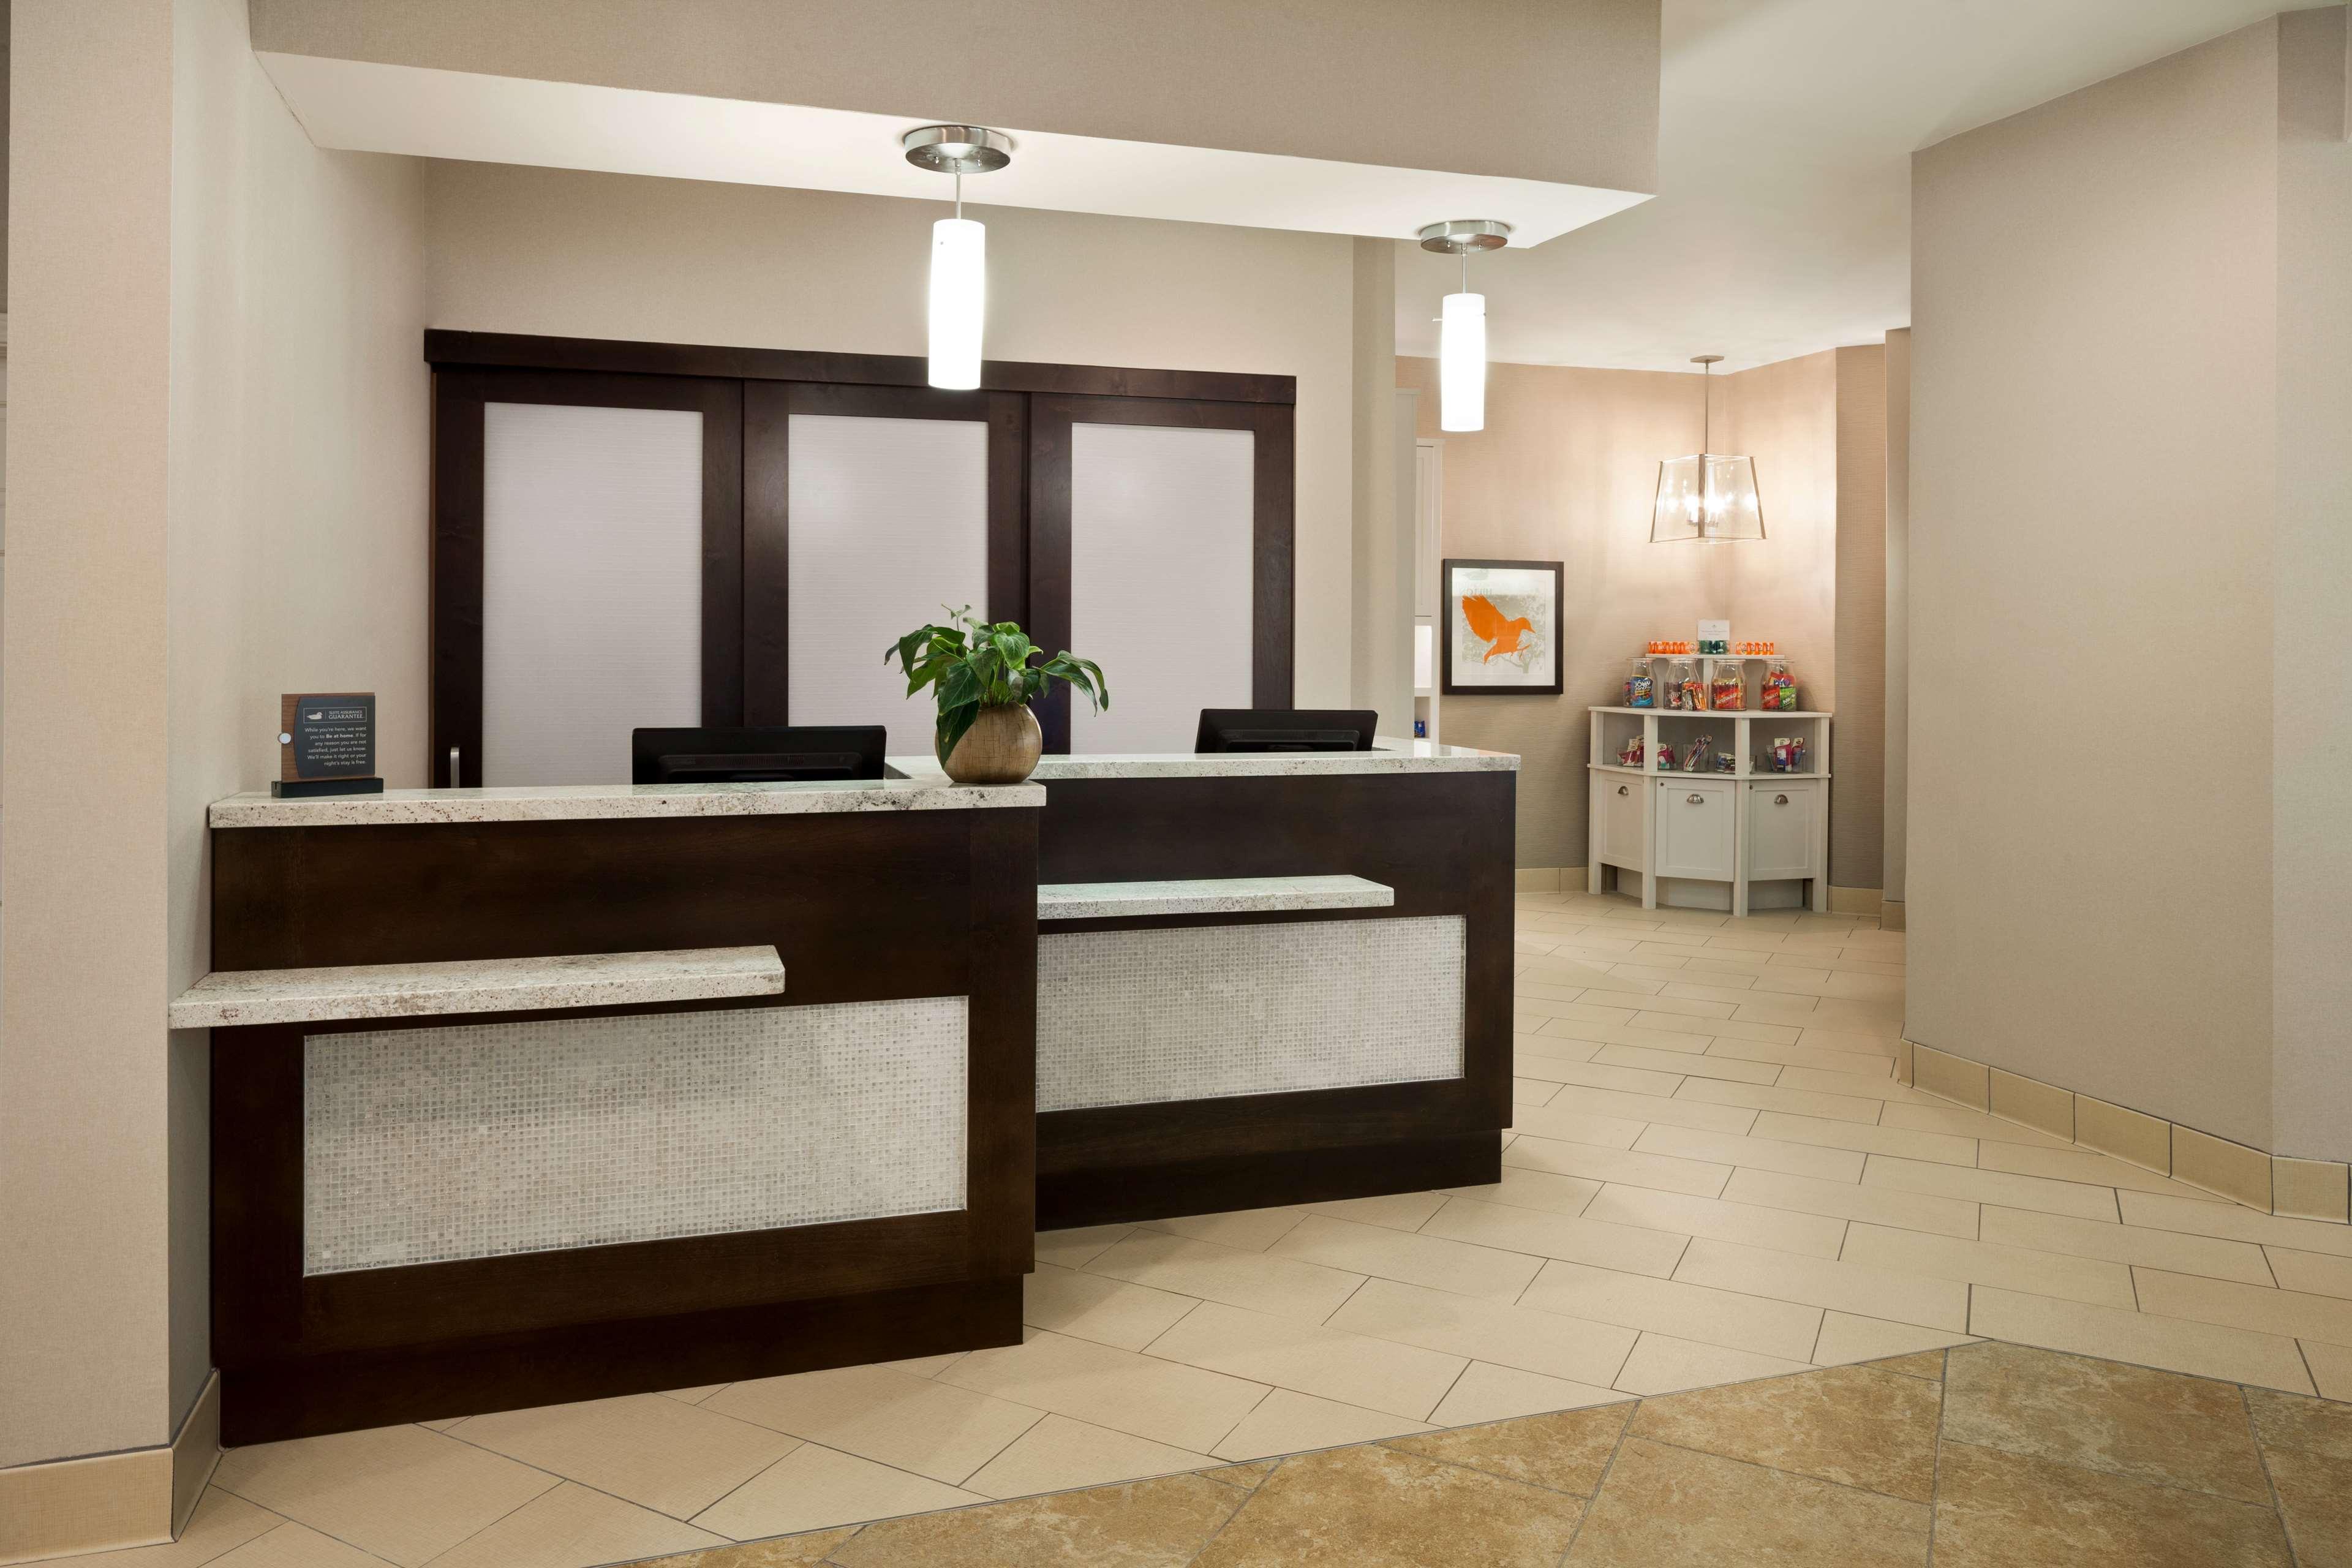 Homewood Suites by Hilton - Boulder image 5